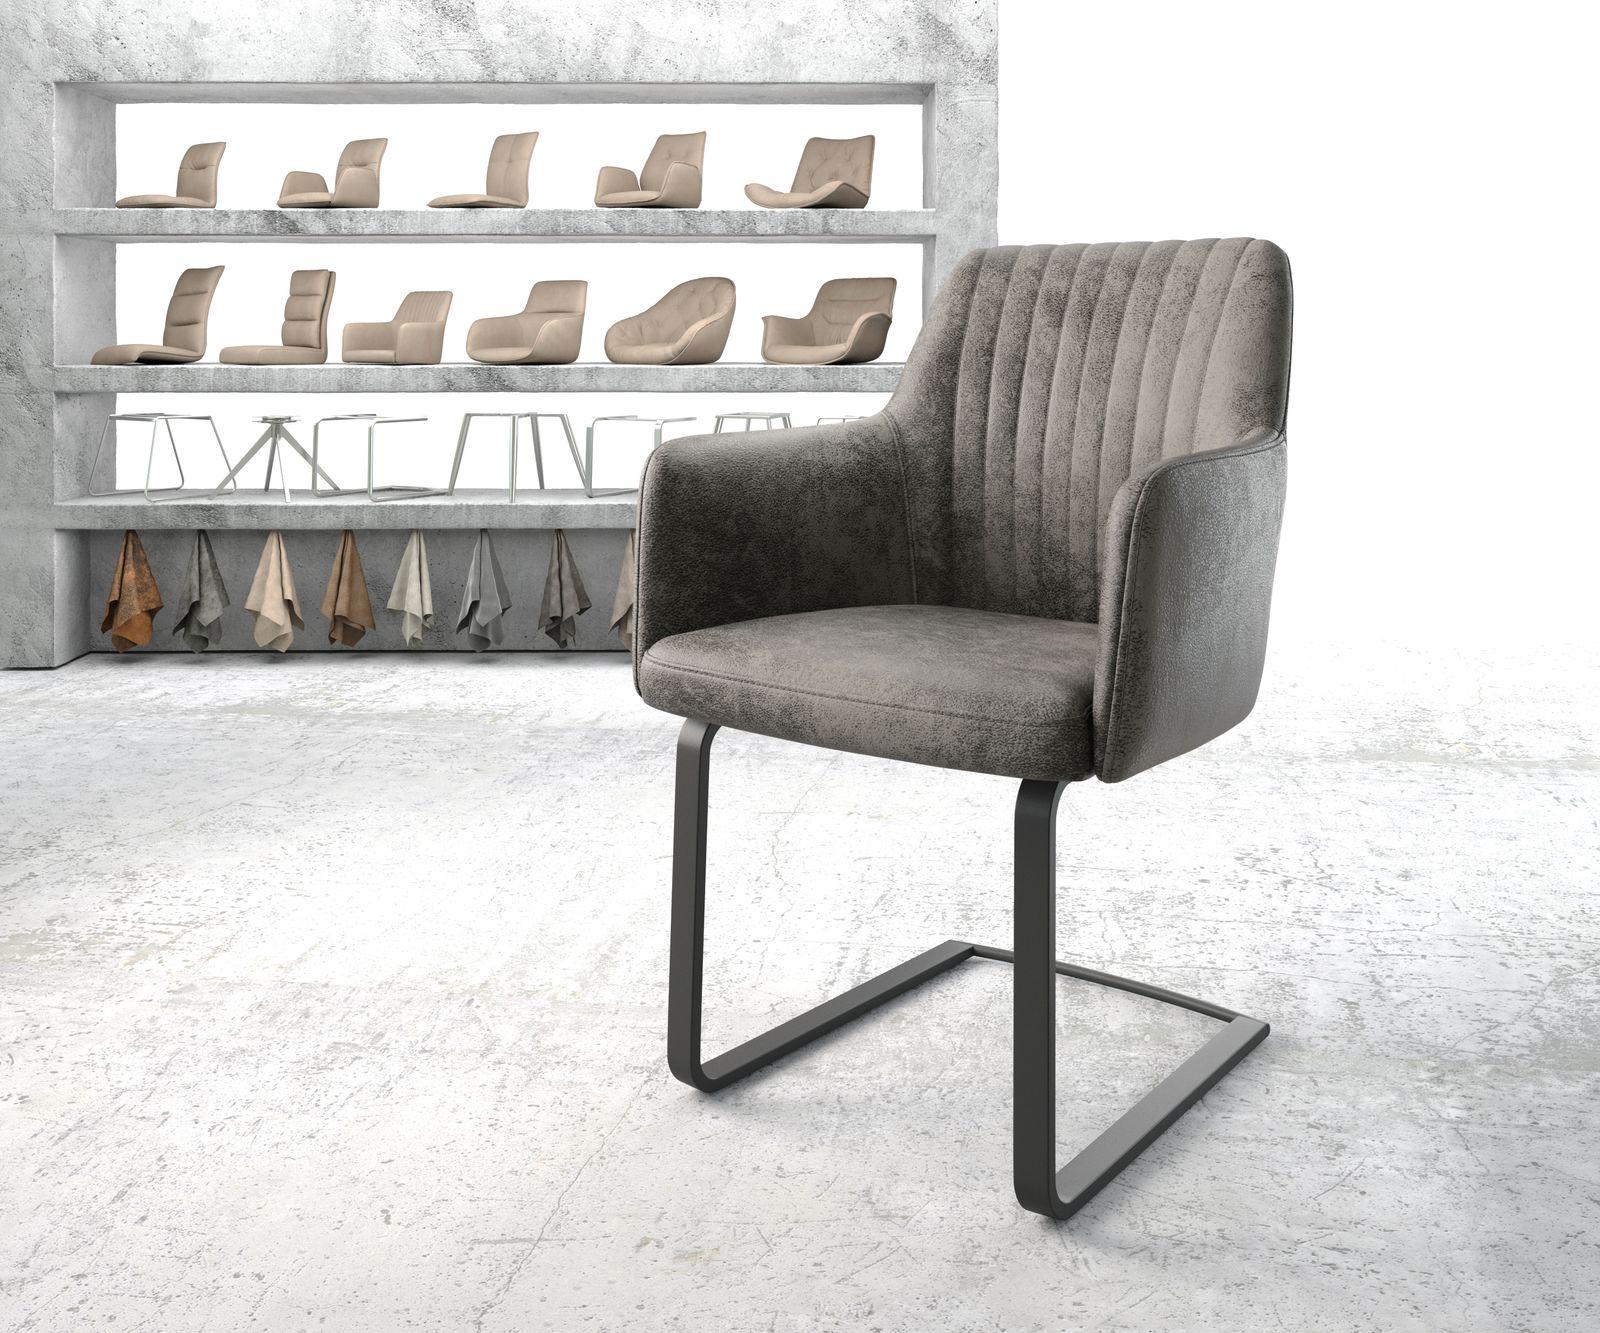 delife-armlehnstuhl-greg-flex-grau-vintage-freischwinger-flach-schwarz-esszimmerstuhle